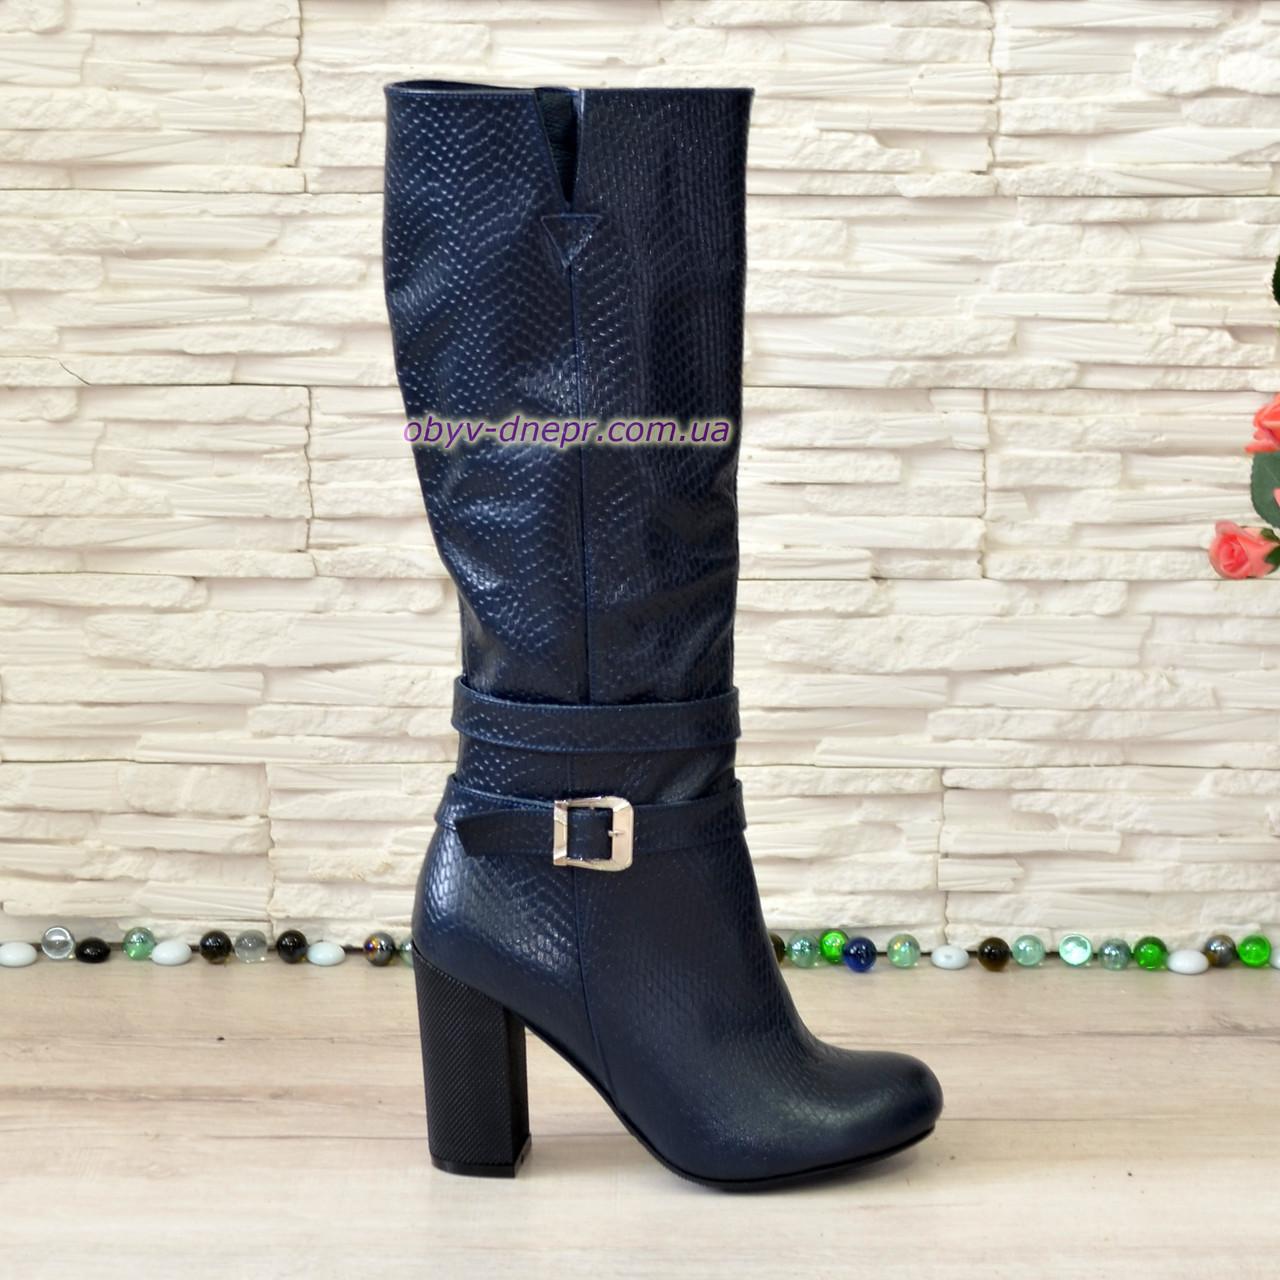 """Элегантные женские зимние сапоги на устойчивом каблуке, натуральная кожа """"питон"""""""